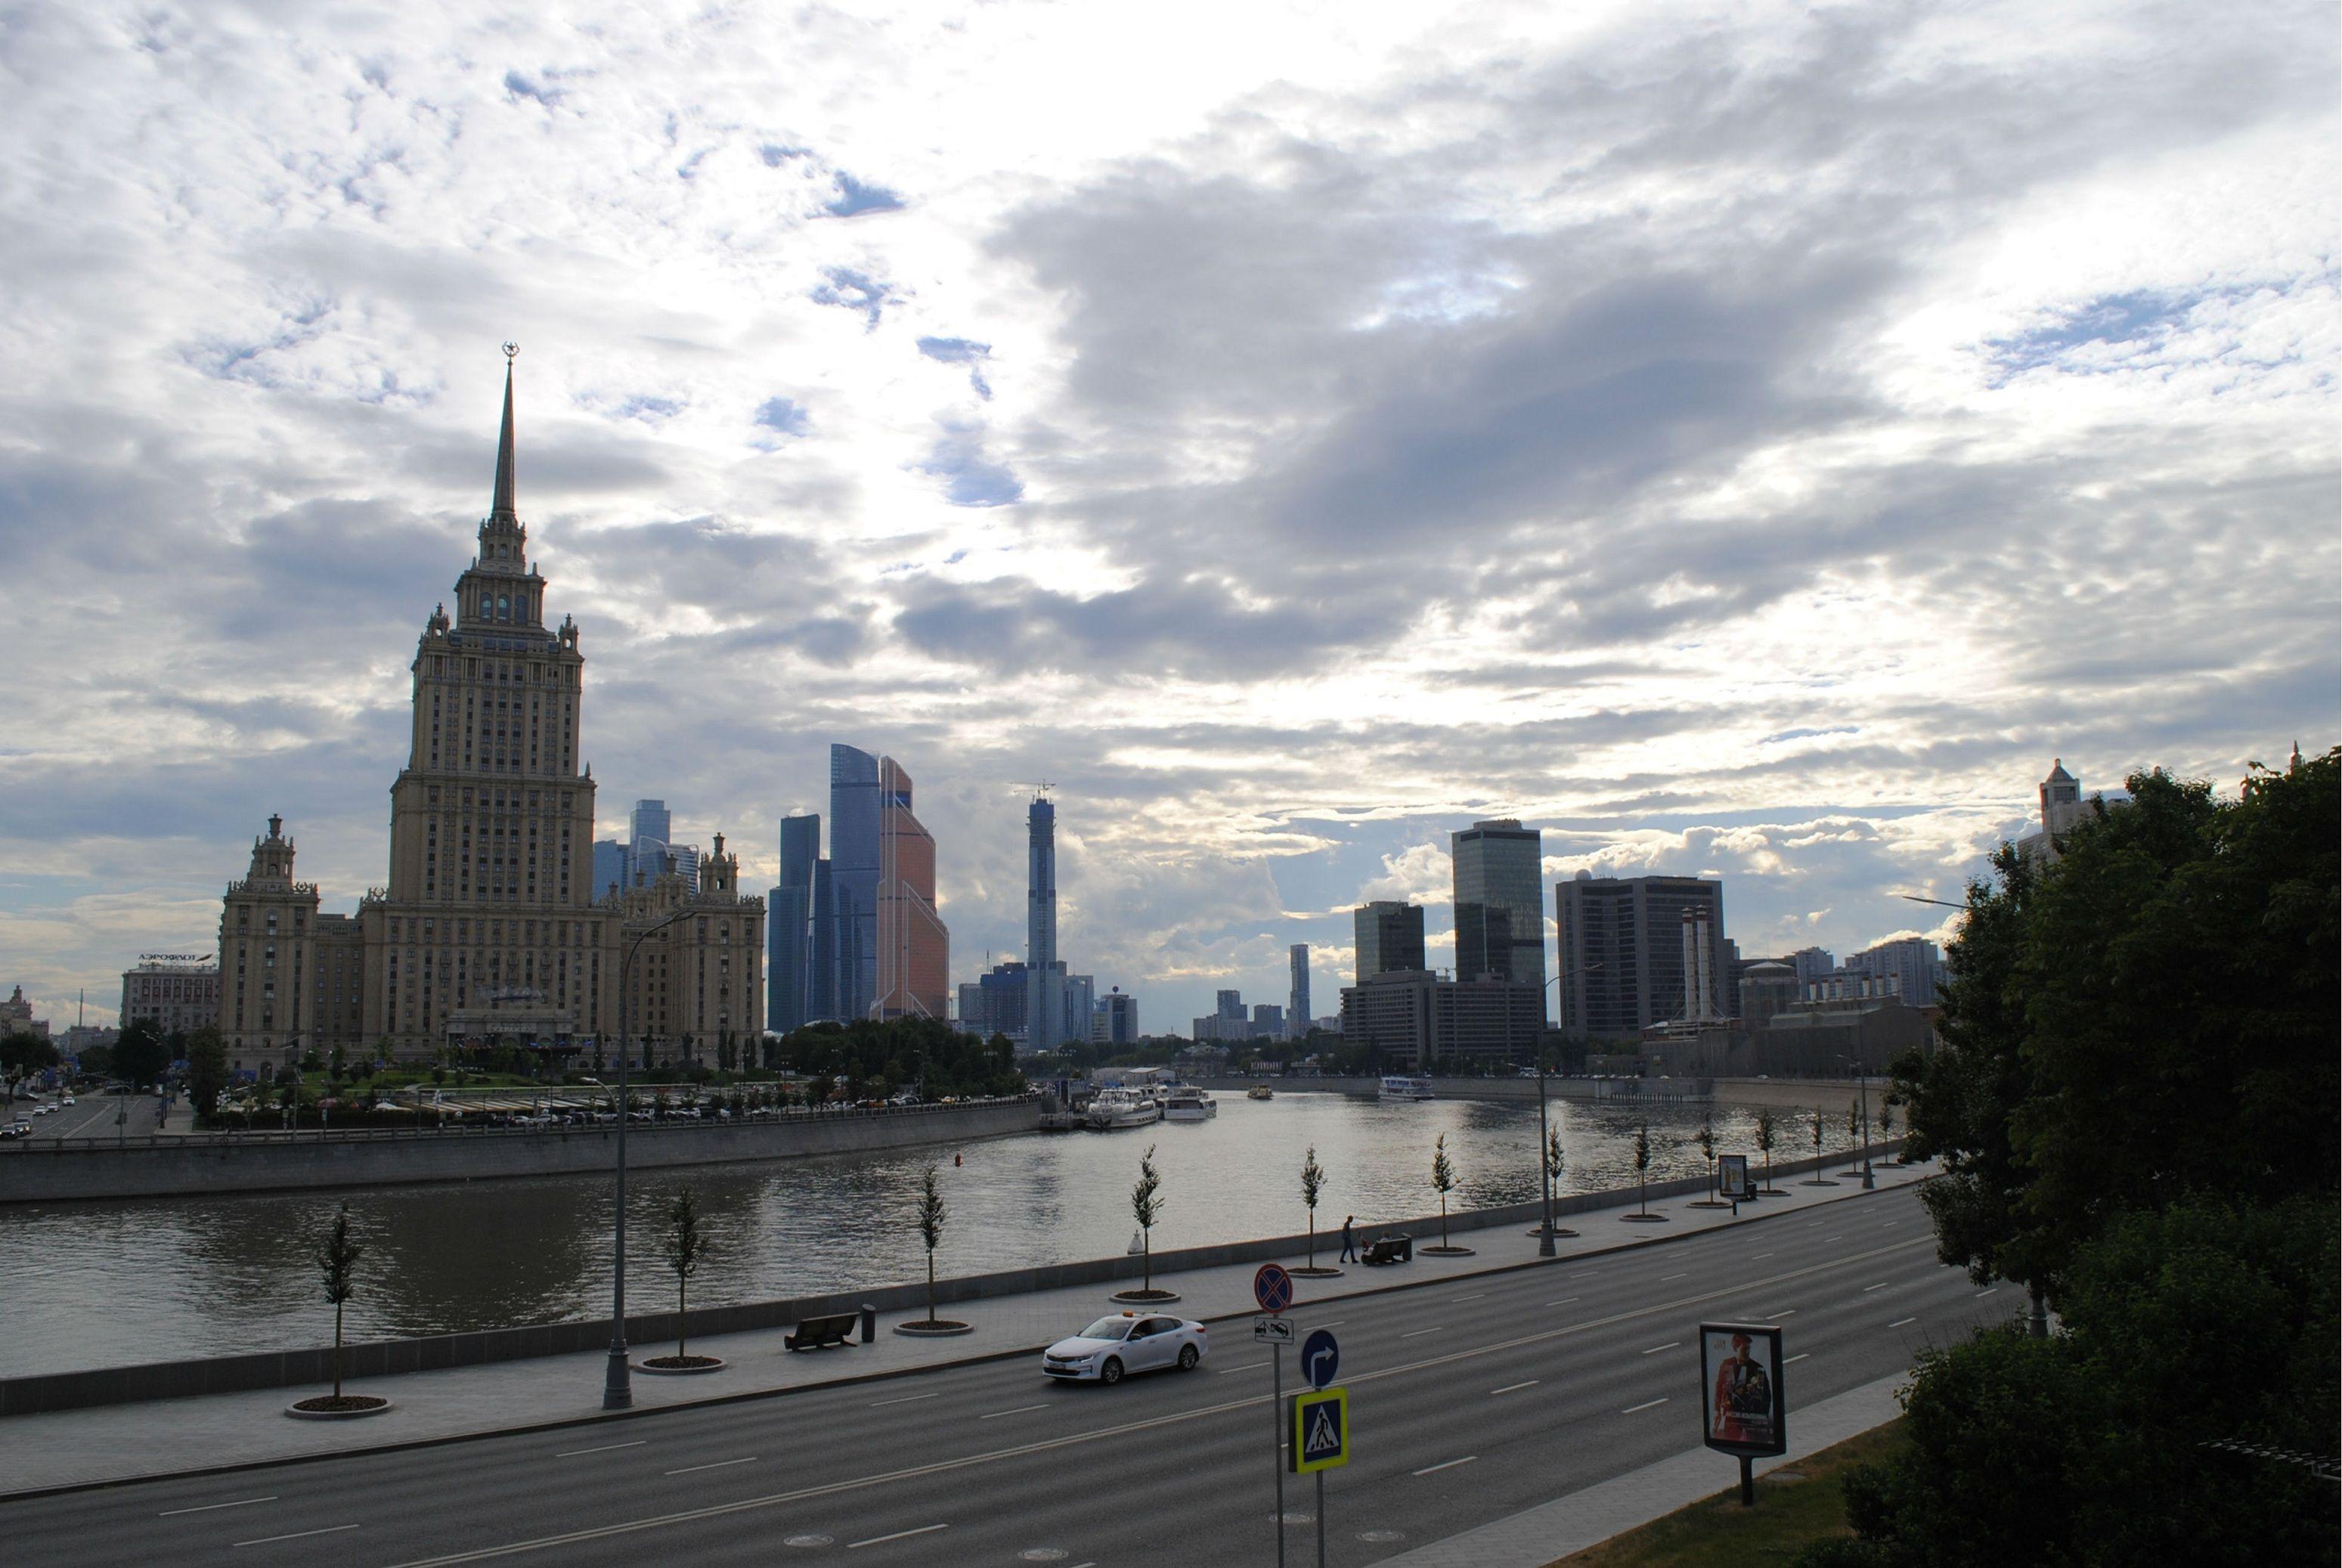 На неделе в Москве ожидается неустойчивая погода. Фото: Василя Махиянова, «Вечерняя Москва»